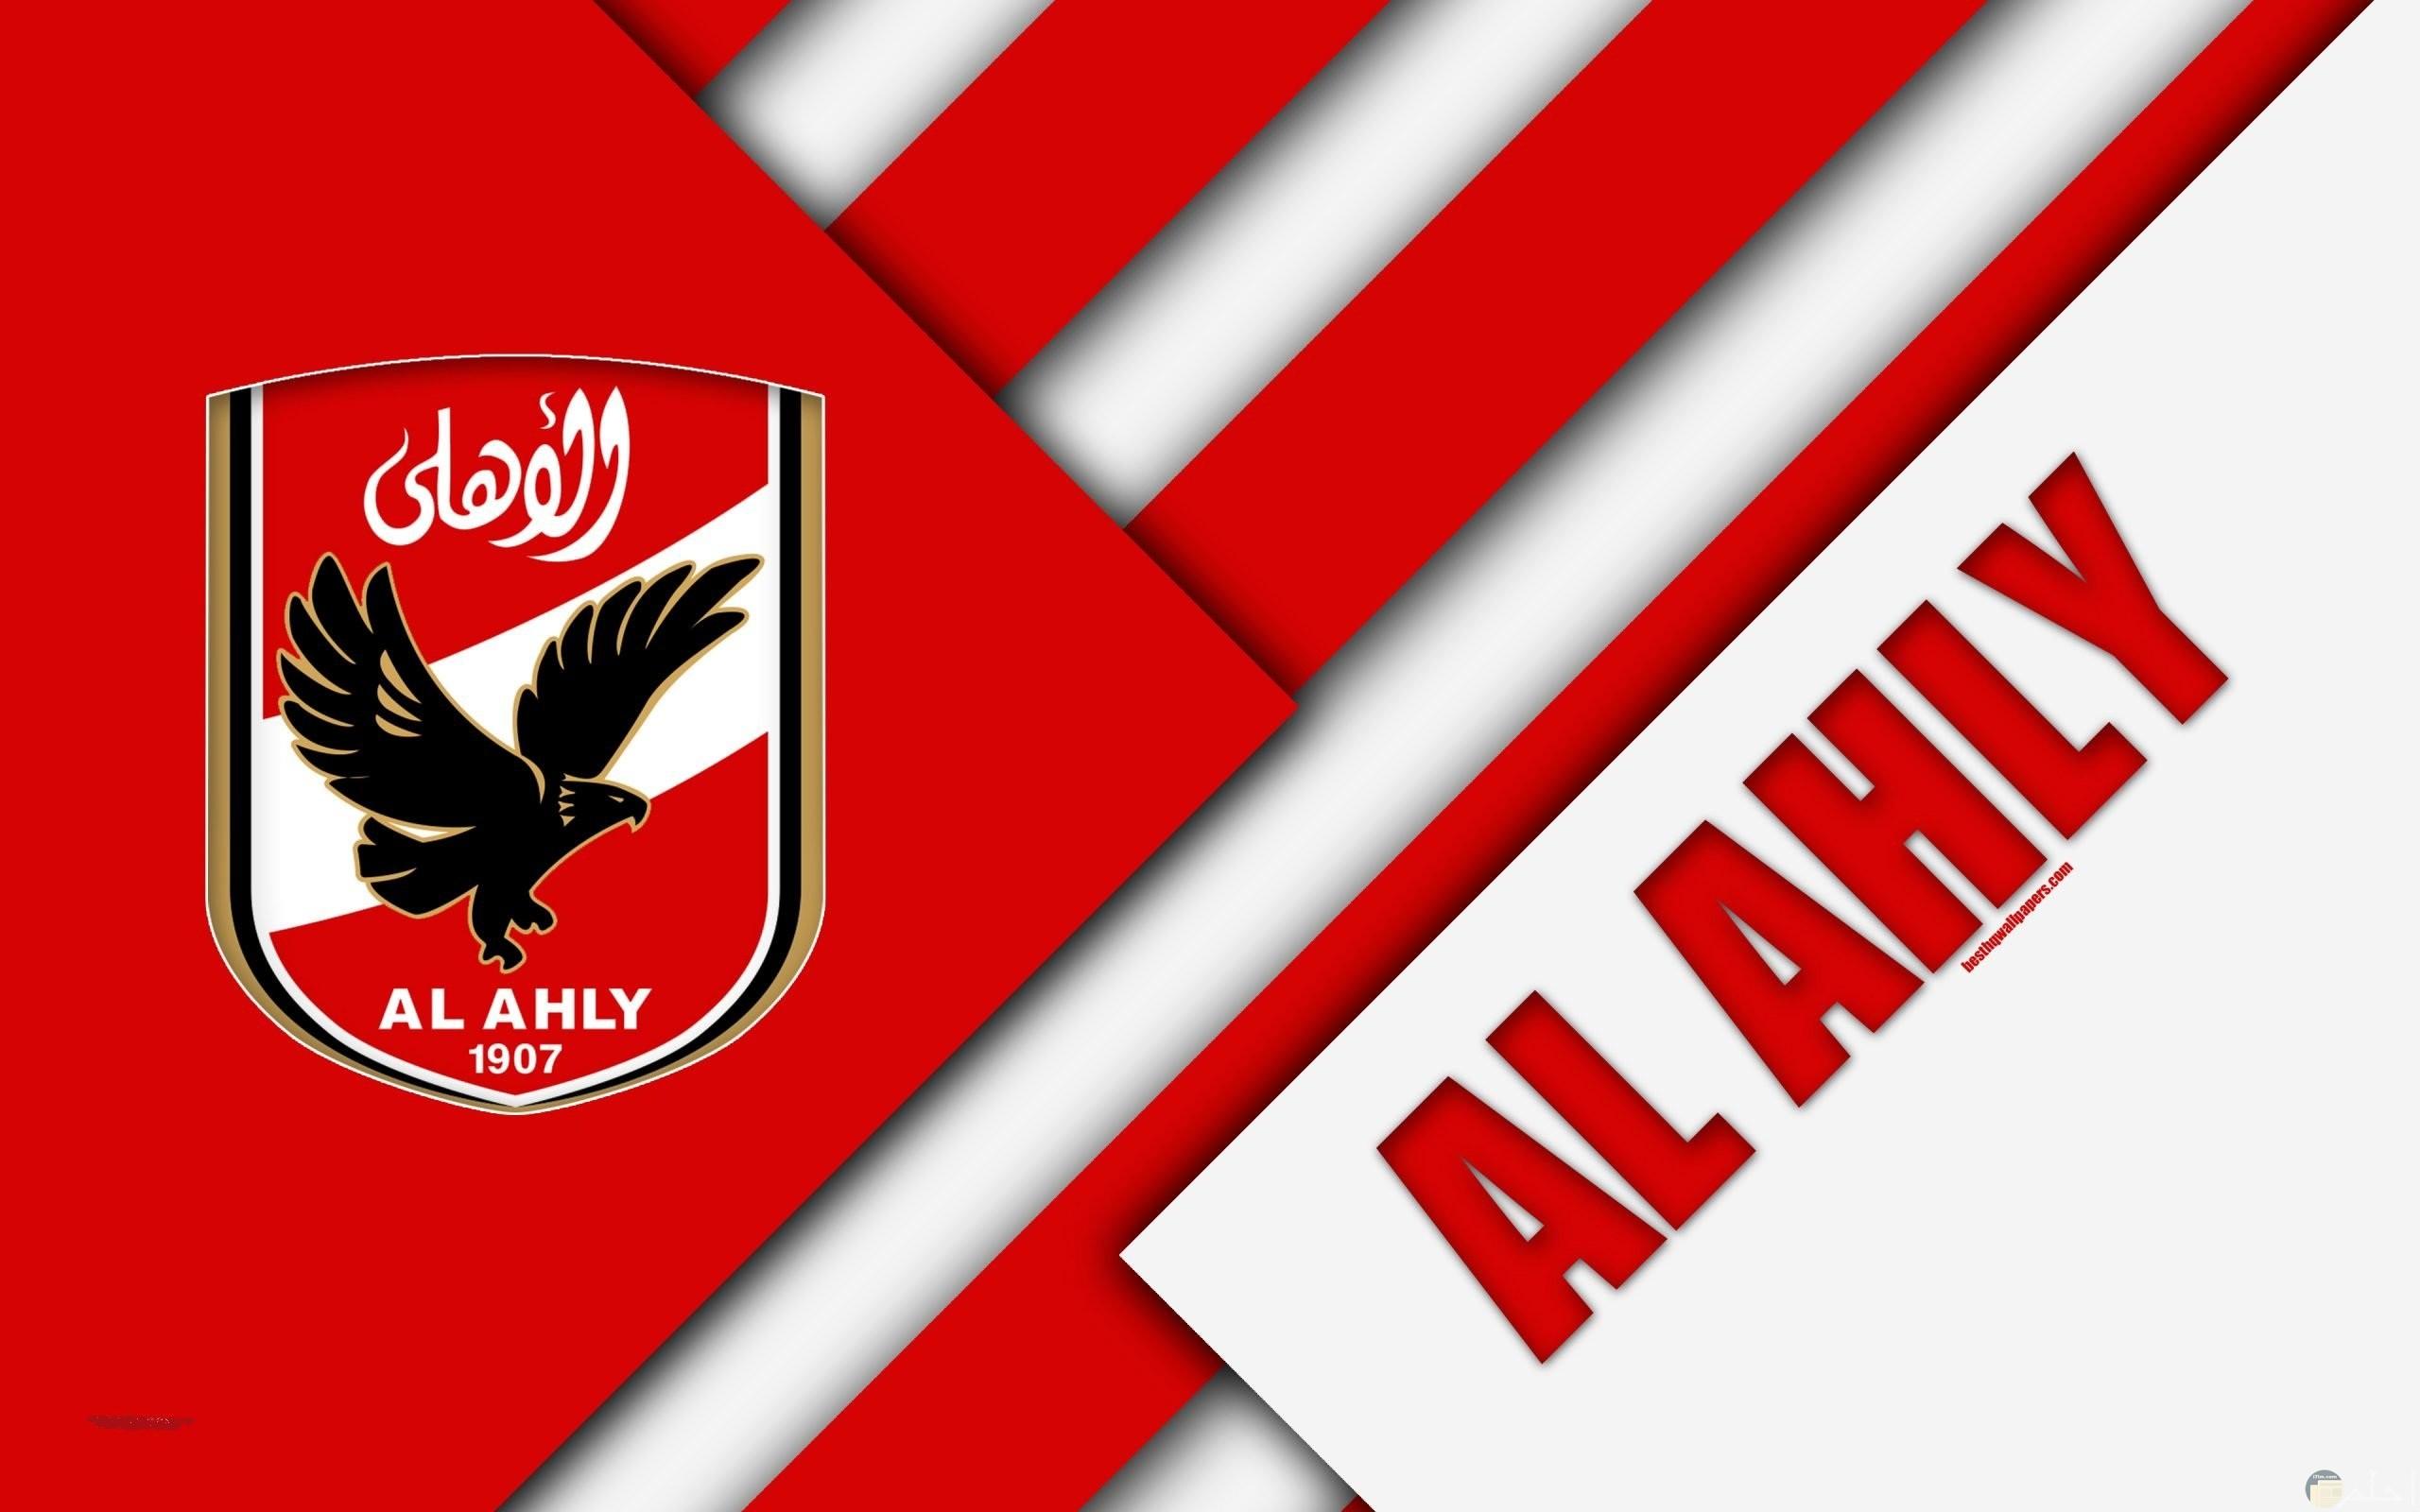 صورة شعار و لوجو النادى الاهلى.